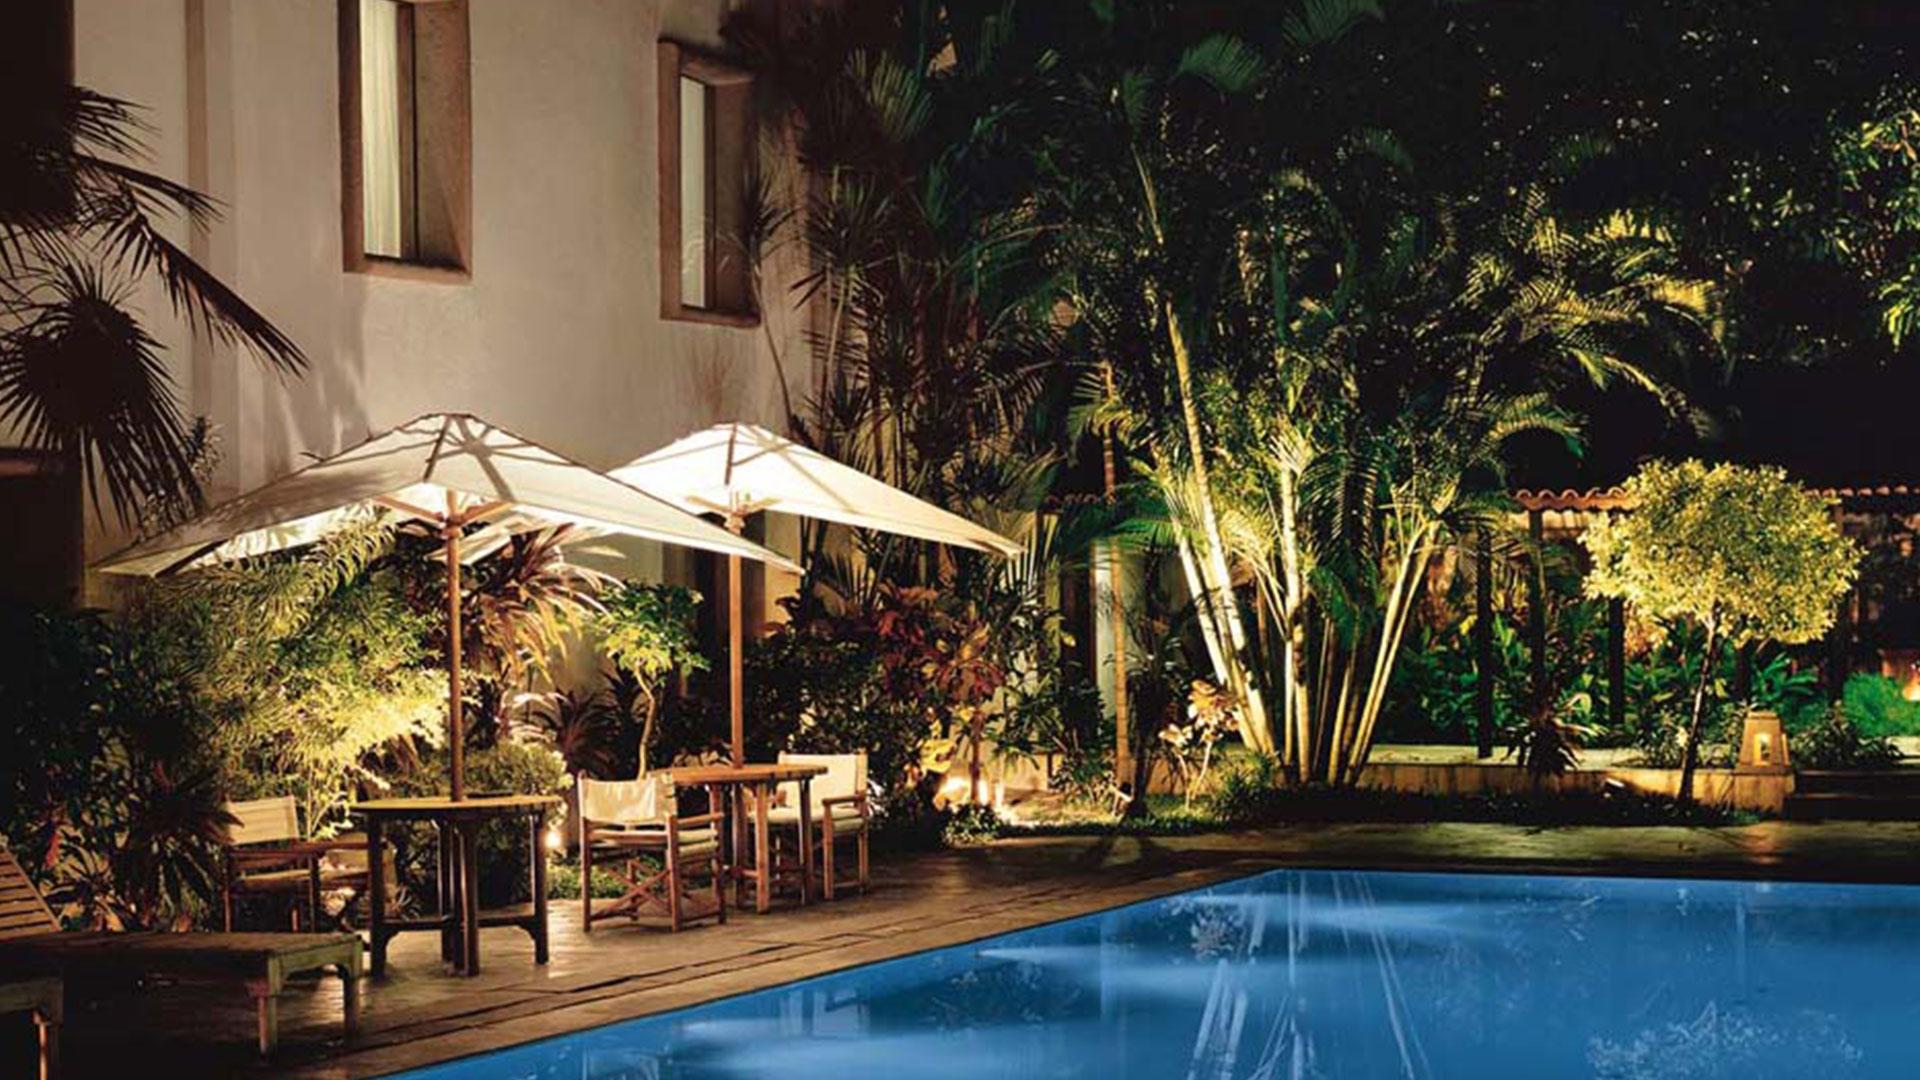 Best Hotel Sites Uk